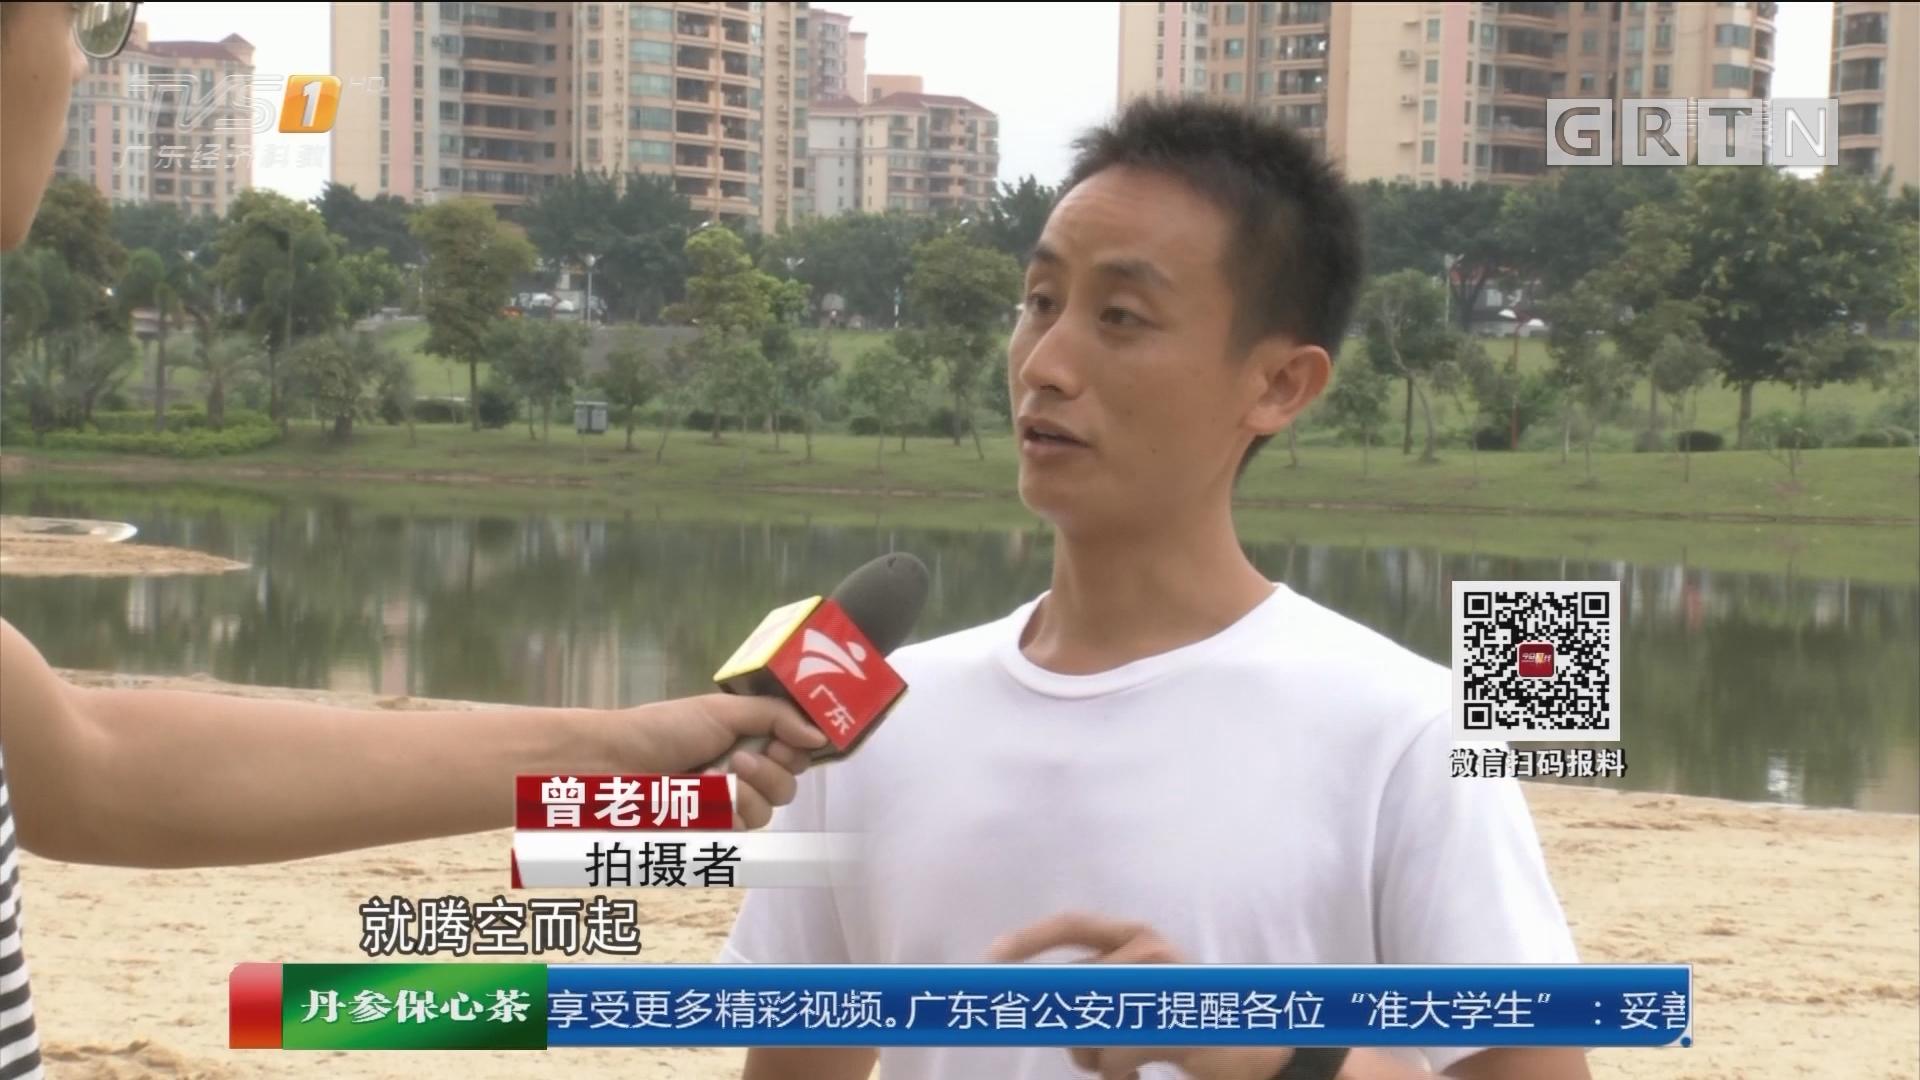 广州从化文化公园:公园人工沙滩上 惊现一米长蛇